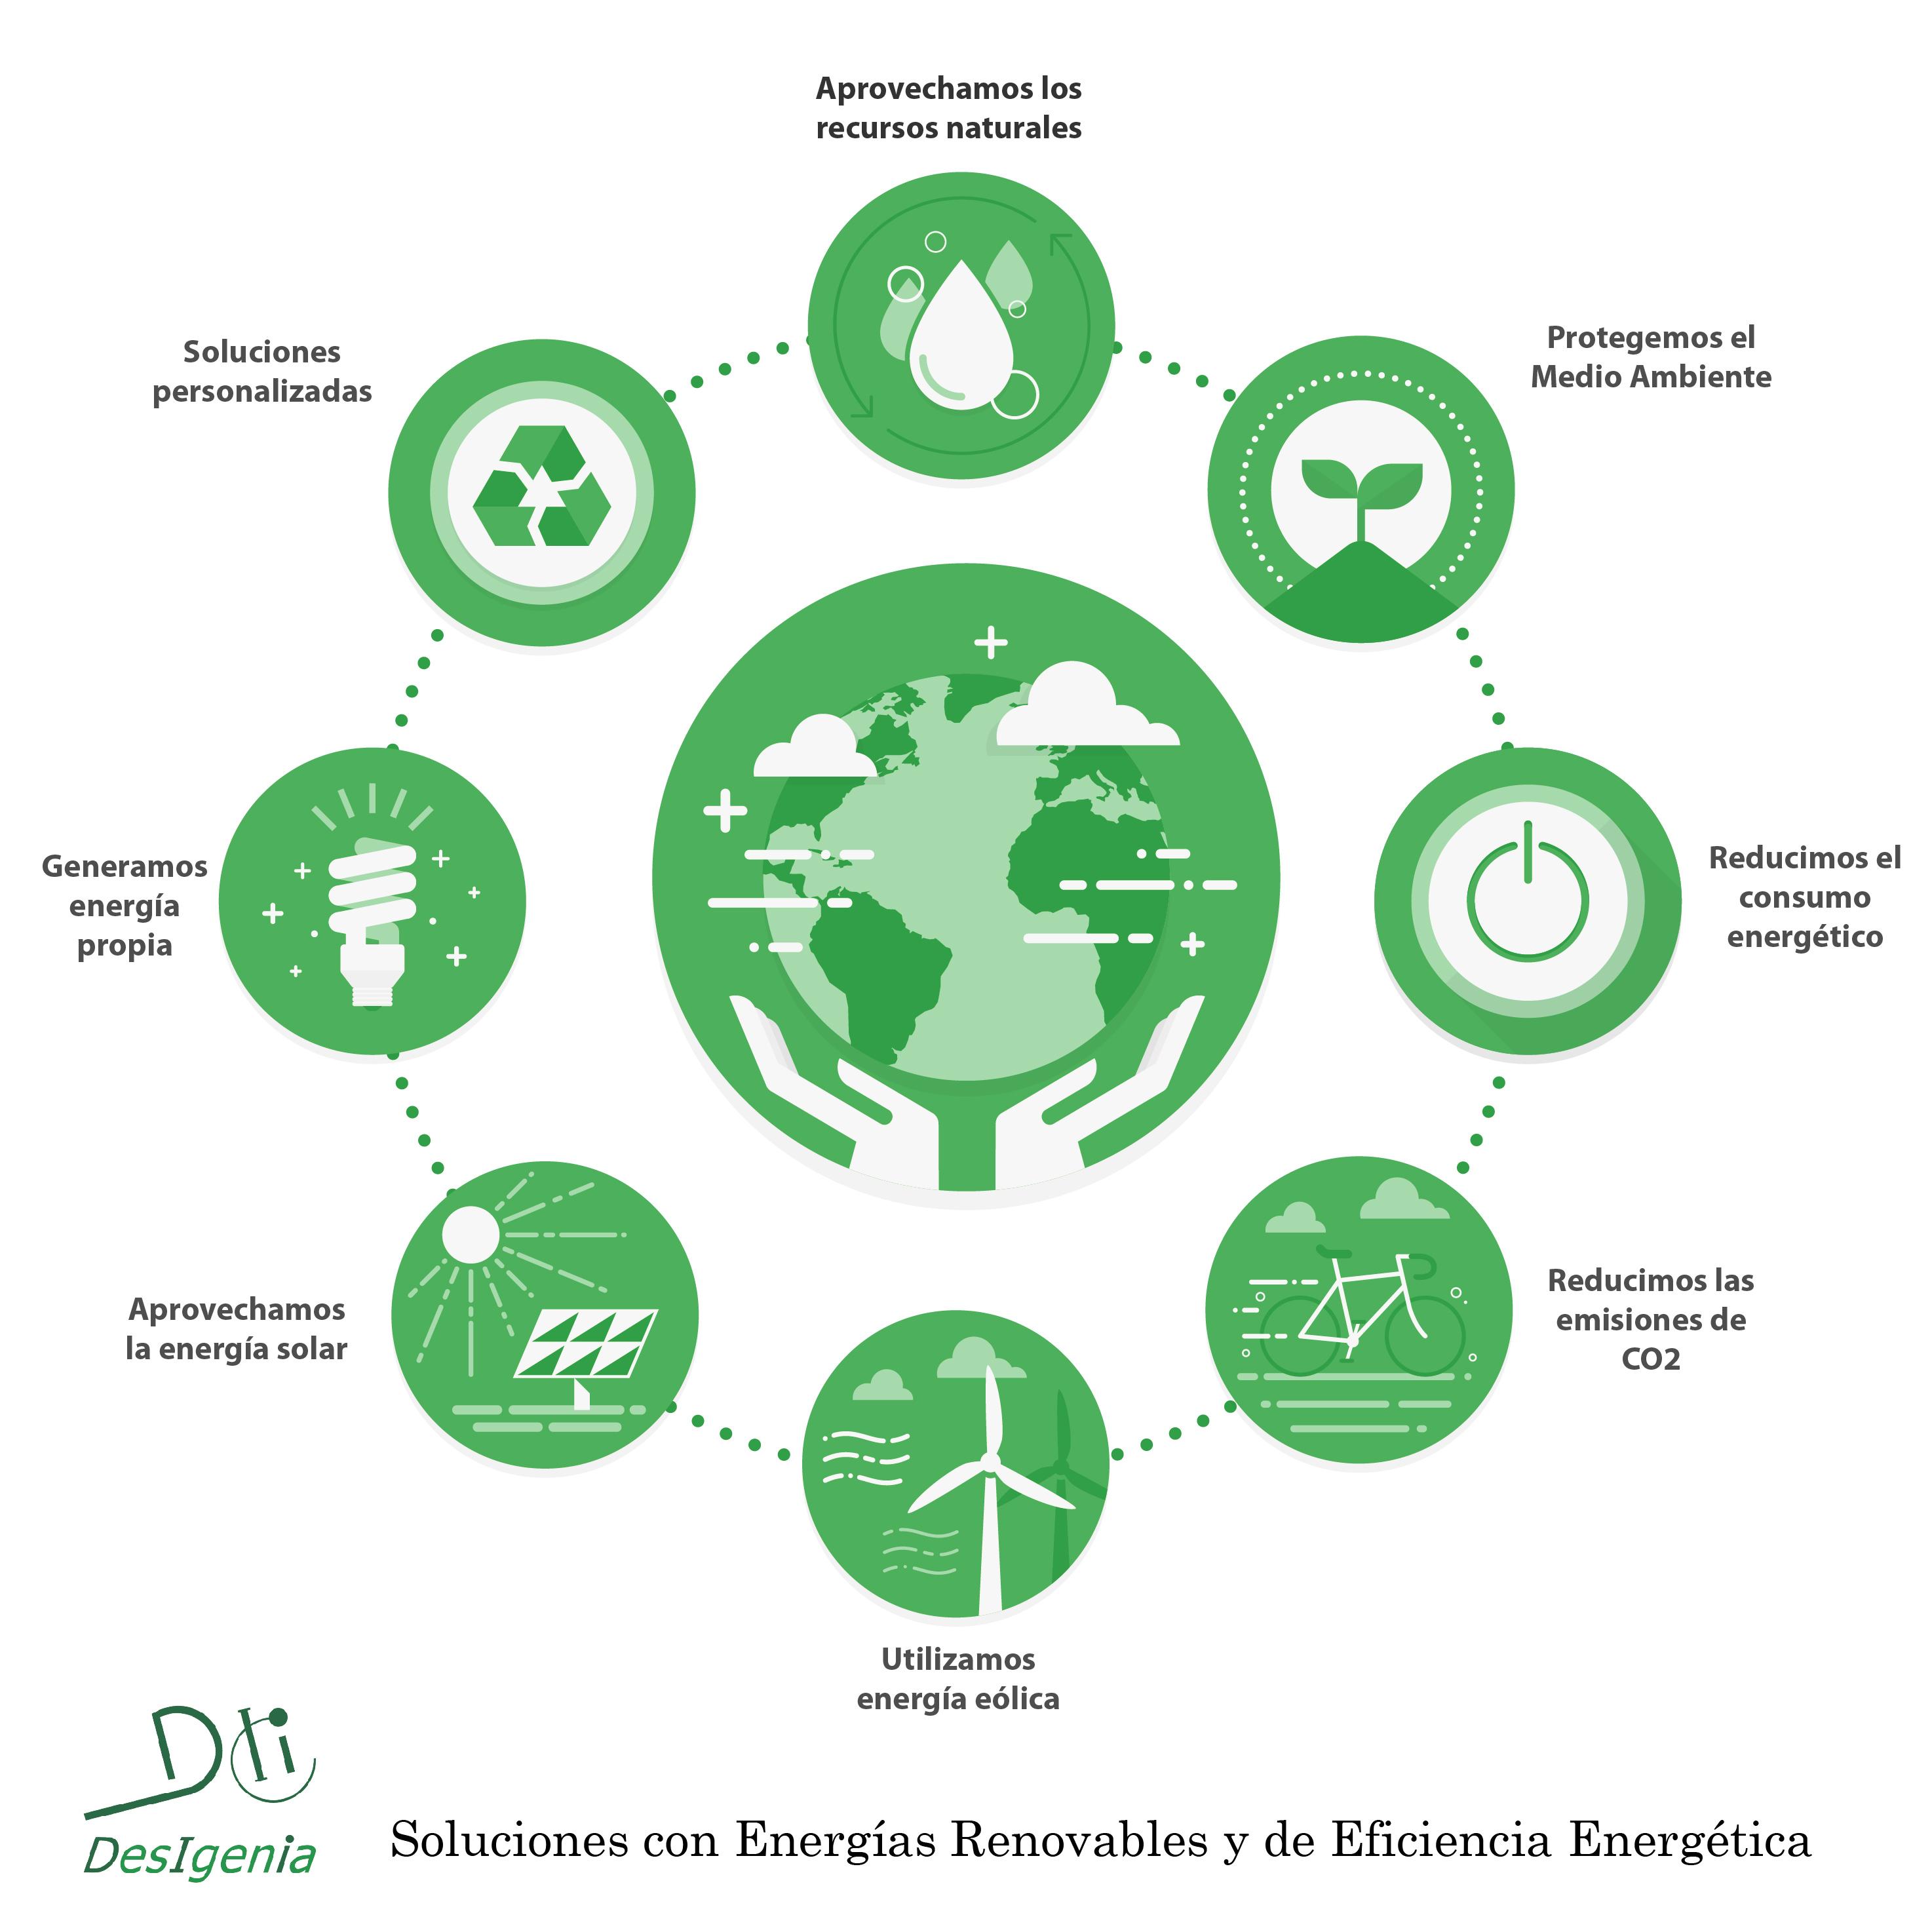 Soluciones que cuidan el medio ambiente desigenia for Oficina de medio ambiente